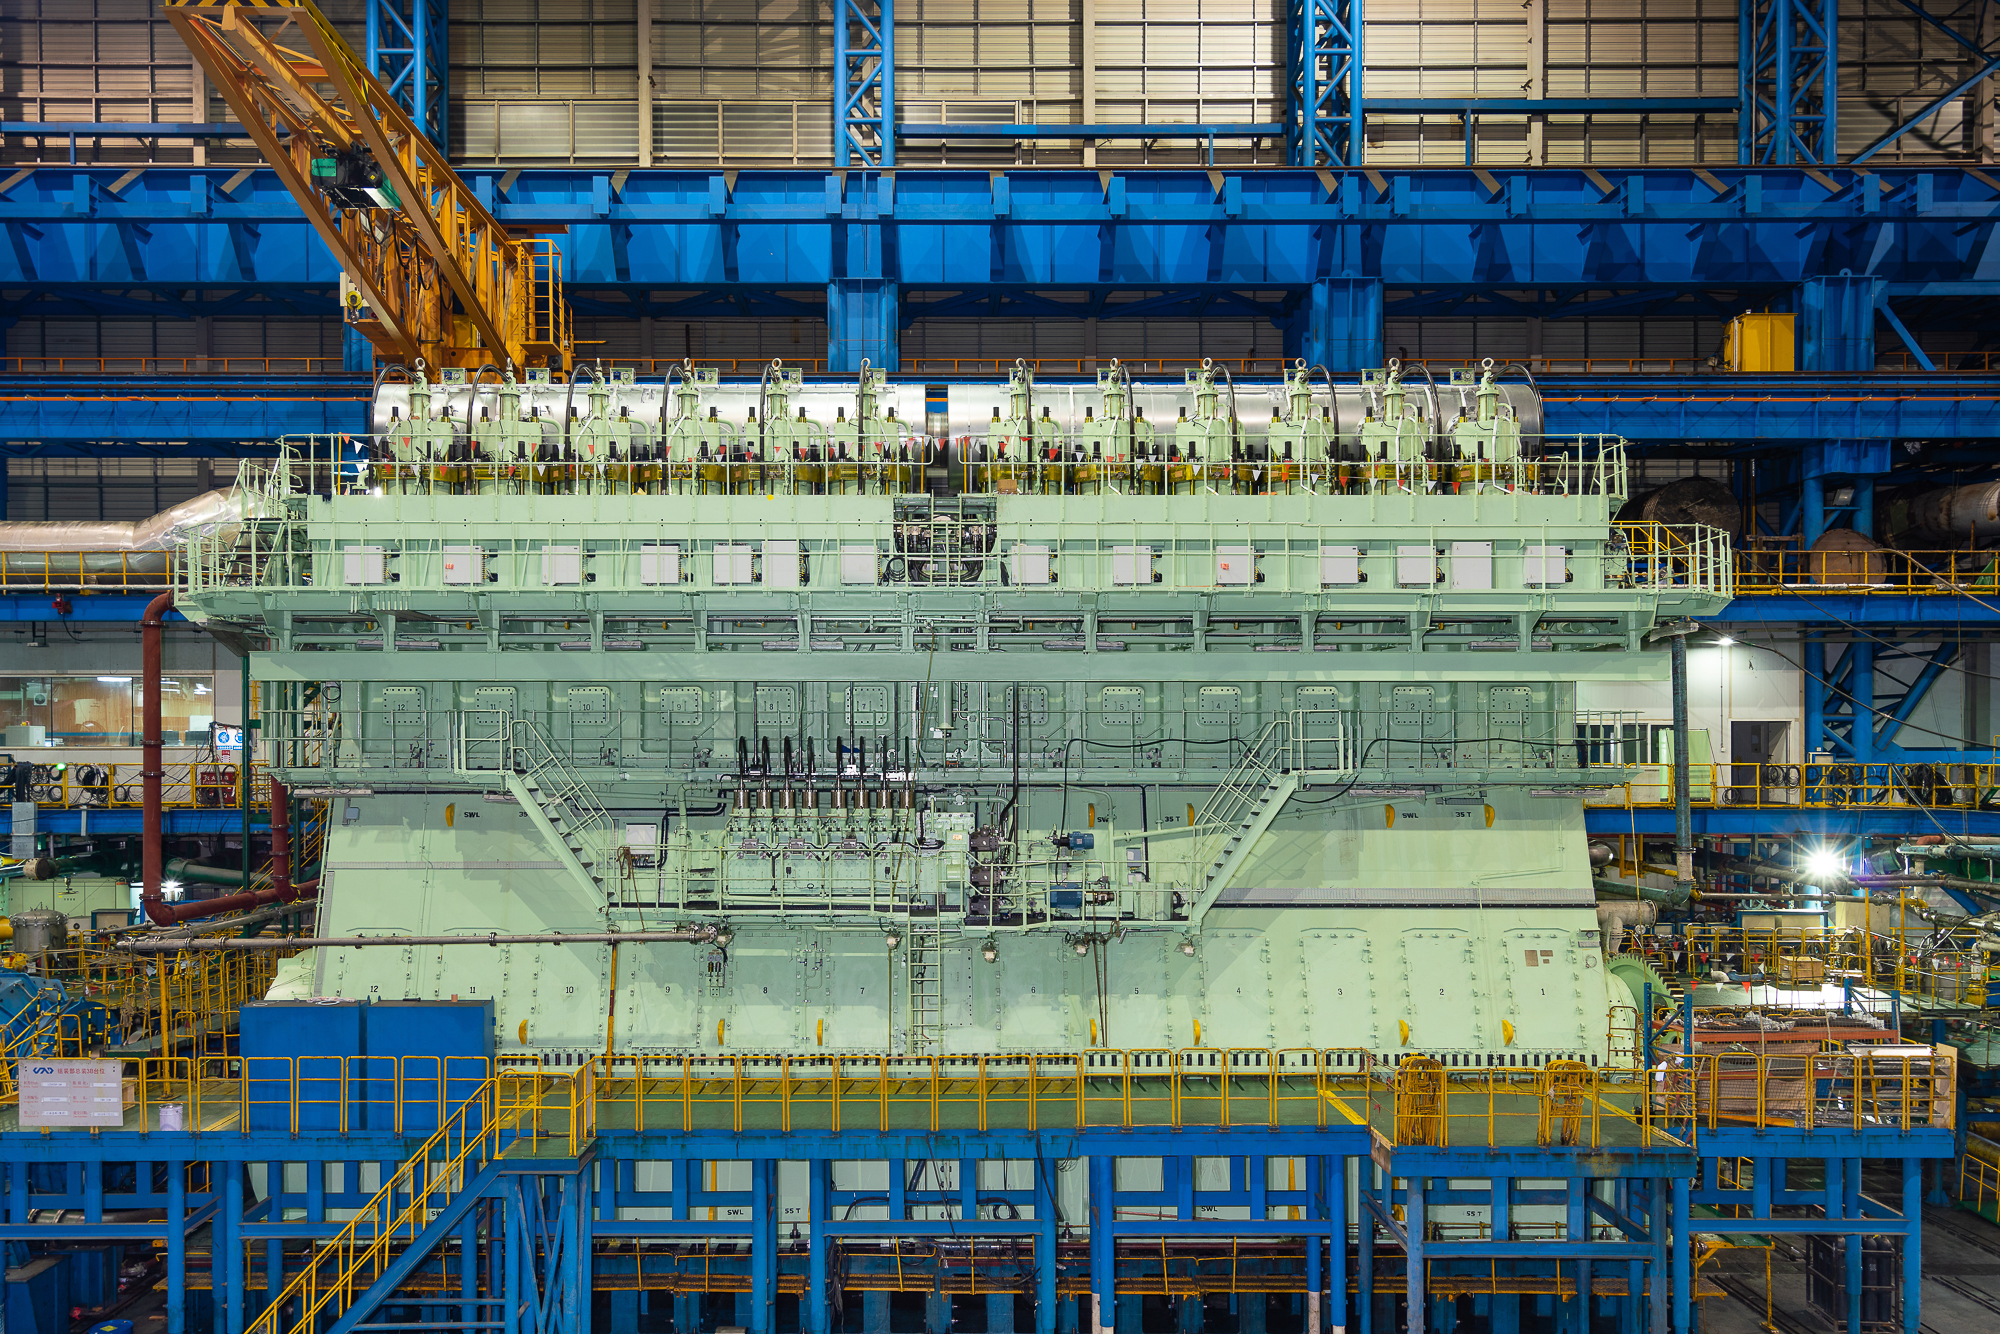 WinGD 12X92DF motor is volgens het Guinness Book of World Records de krachtigste maritieme Ottocyclus-motor ooit gebouwd. Tijdens het testen bij de Chinese motorbouwer CSSC-CMD leverde de 2140 ton wegende dual fuel tweetakt langzaamloper 63.840 kW bij 80 toeren per minuut. De 12X-92DF is 16 meter hoog, 23 meter lang en weegt 2140 ton. (Foto met toestemming van WinGD)